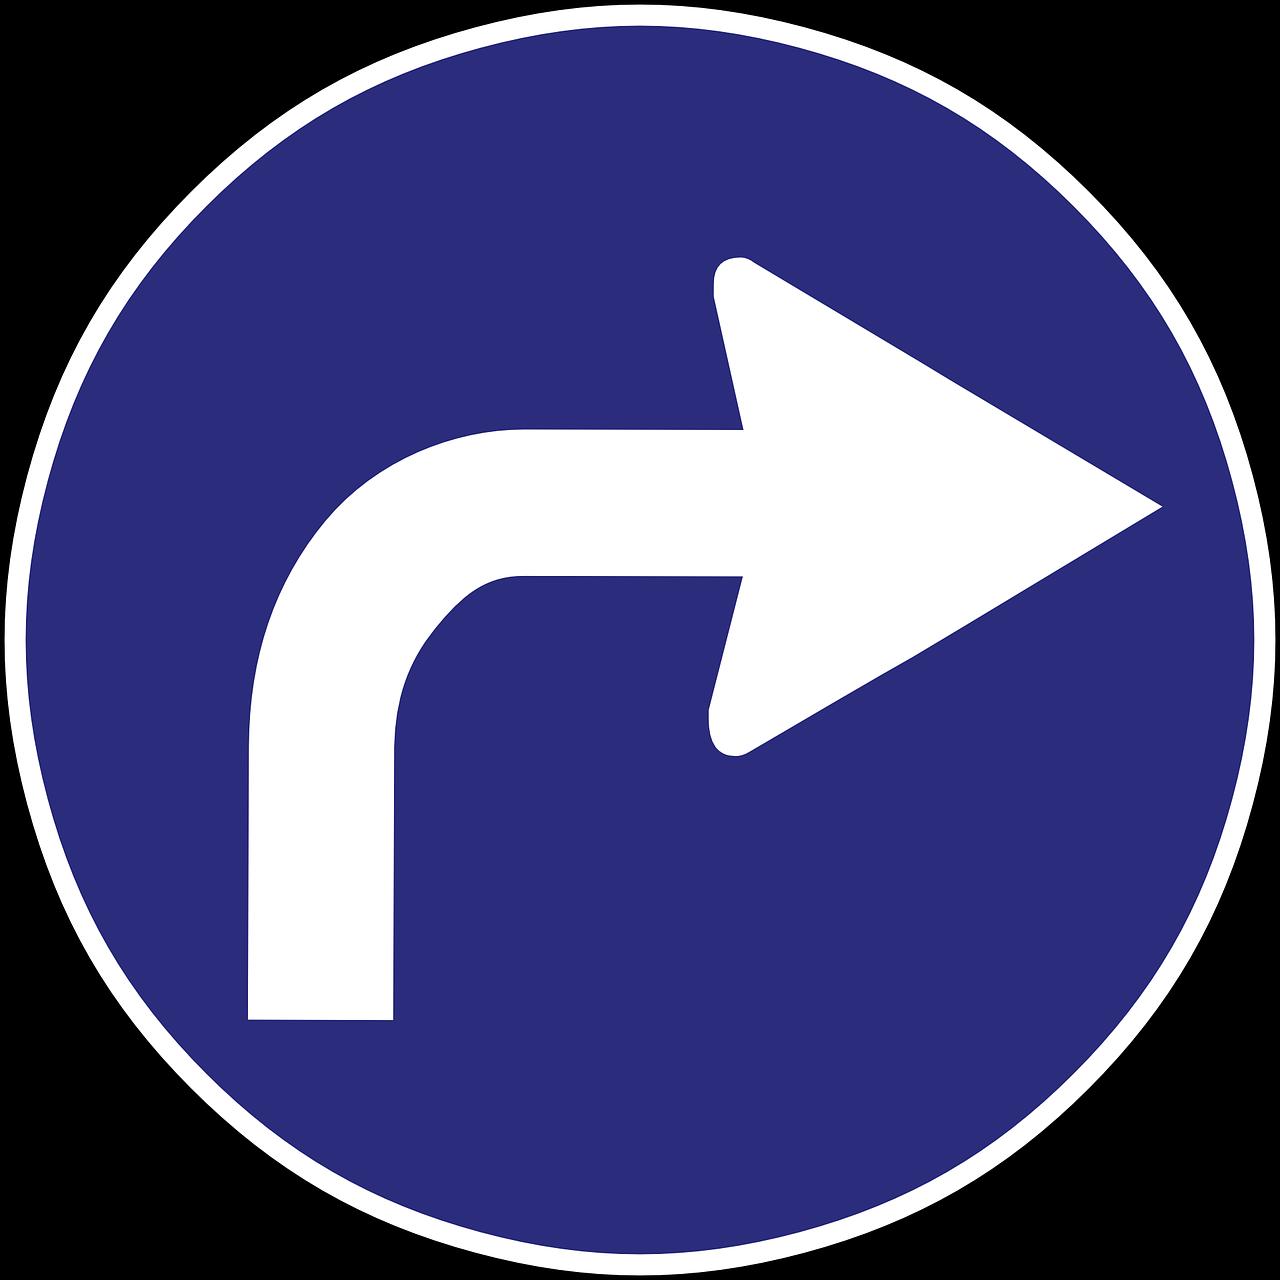 Знак стрелка картинка для